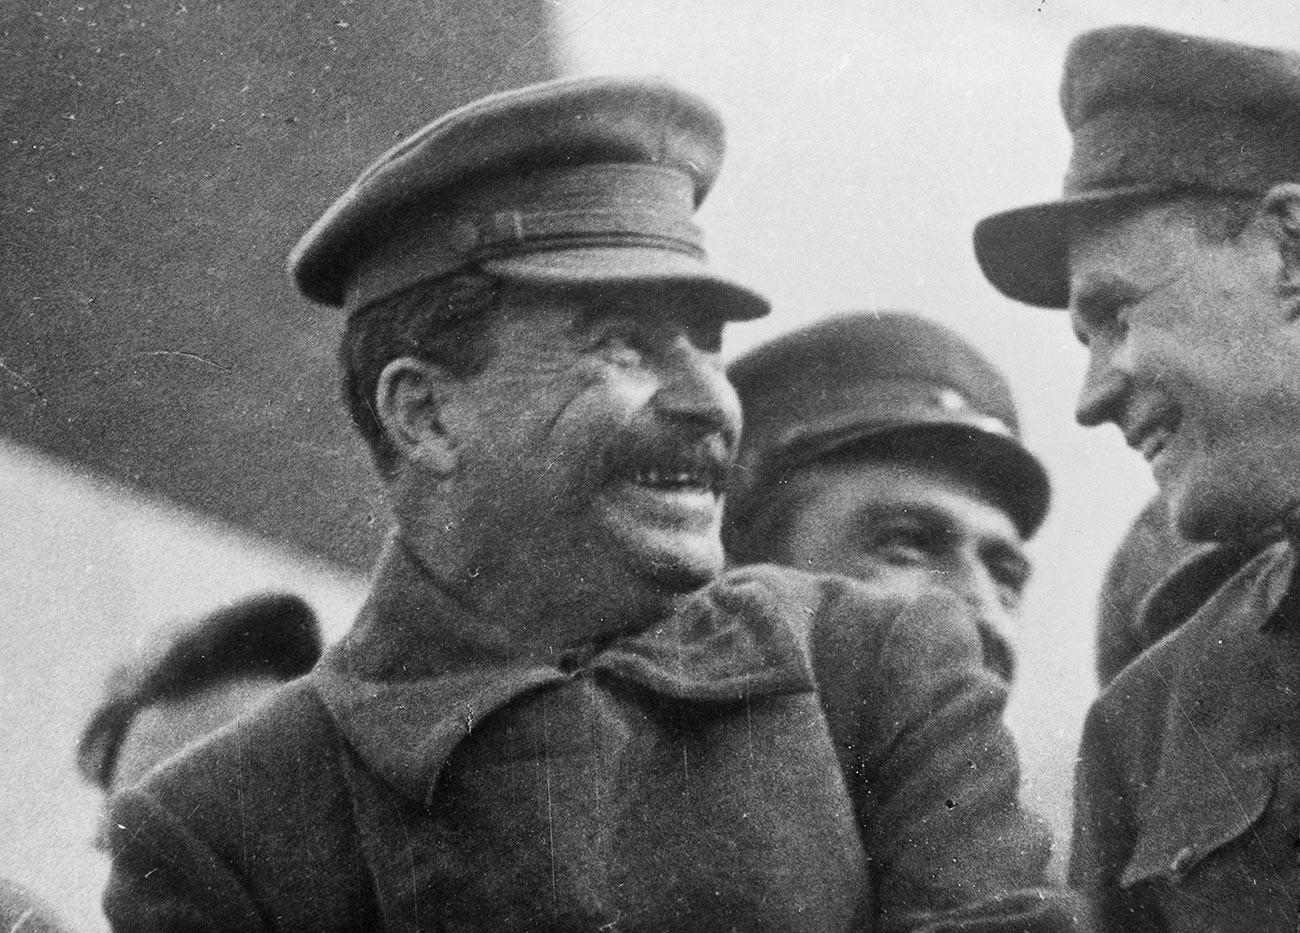 Генералният секретар на Съветската комунистическа партия Йосиф Сталин (1878-1953) на трибуна по време на парада на работниците.